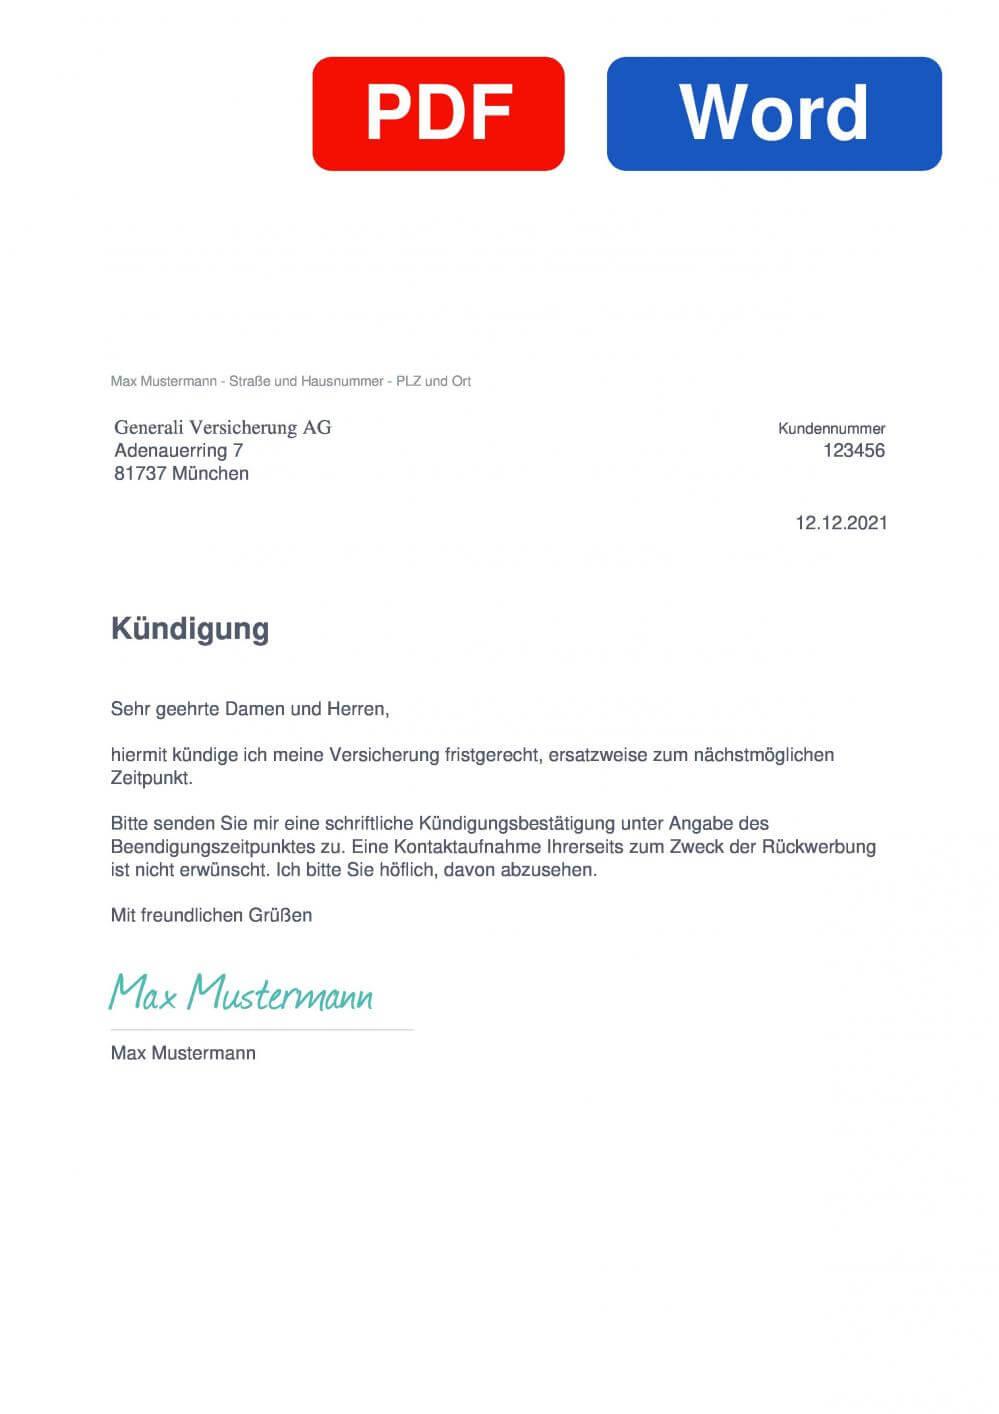 Volksfürsorge Deutsche Rentenversicherung Muster Vorlage für Kündigungsschreiben